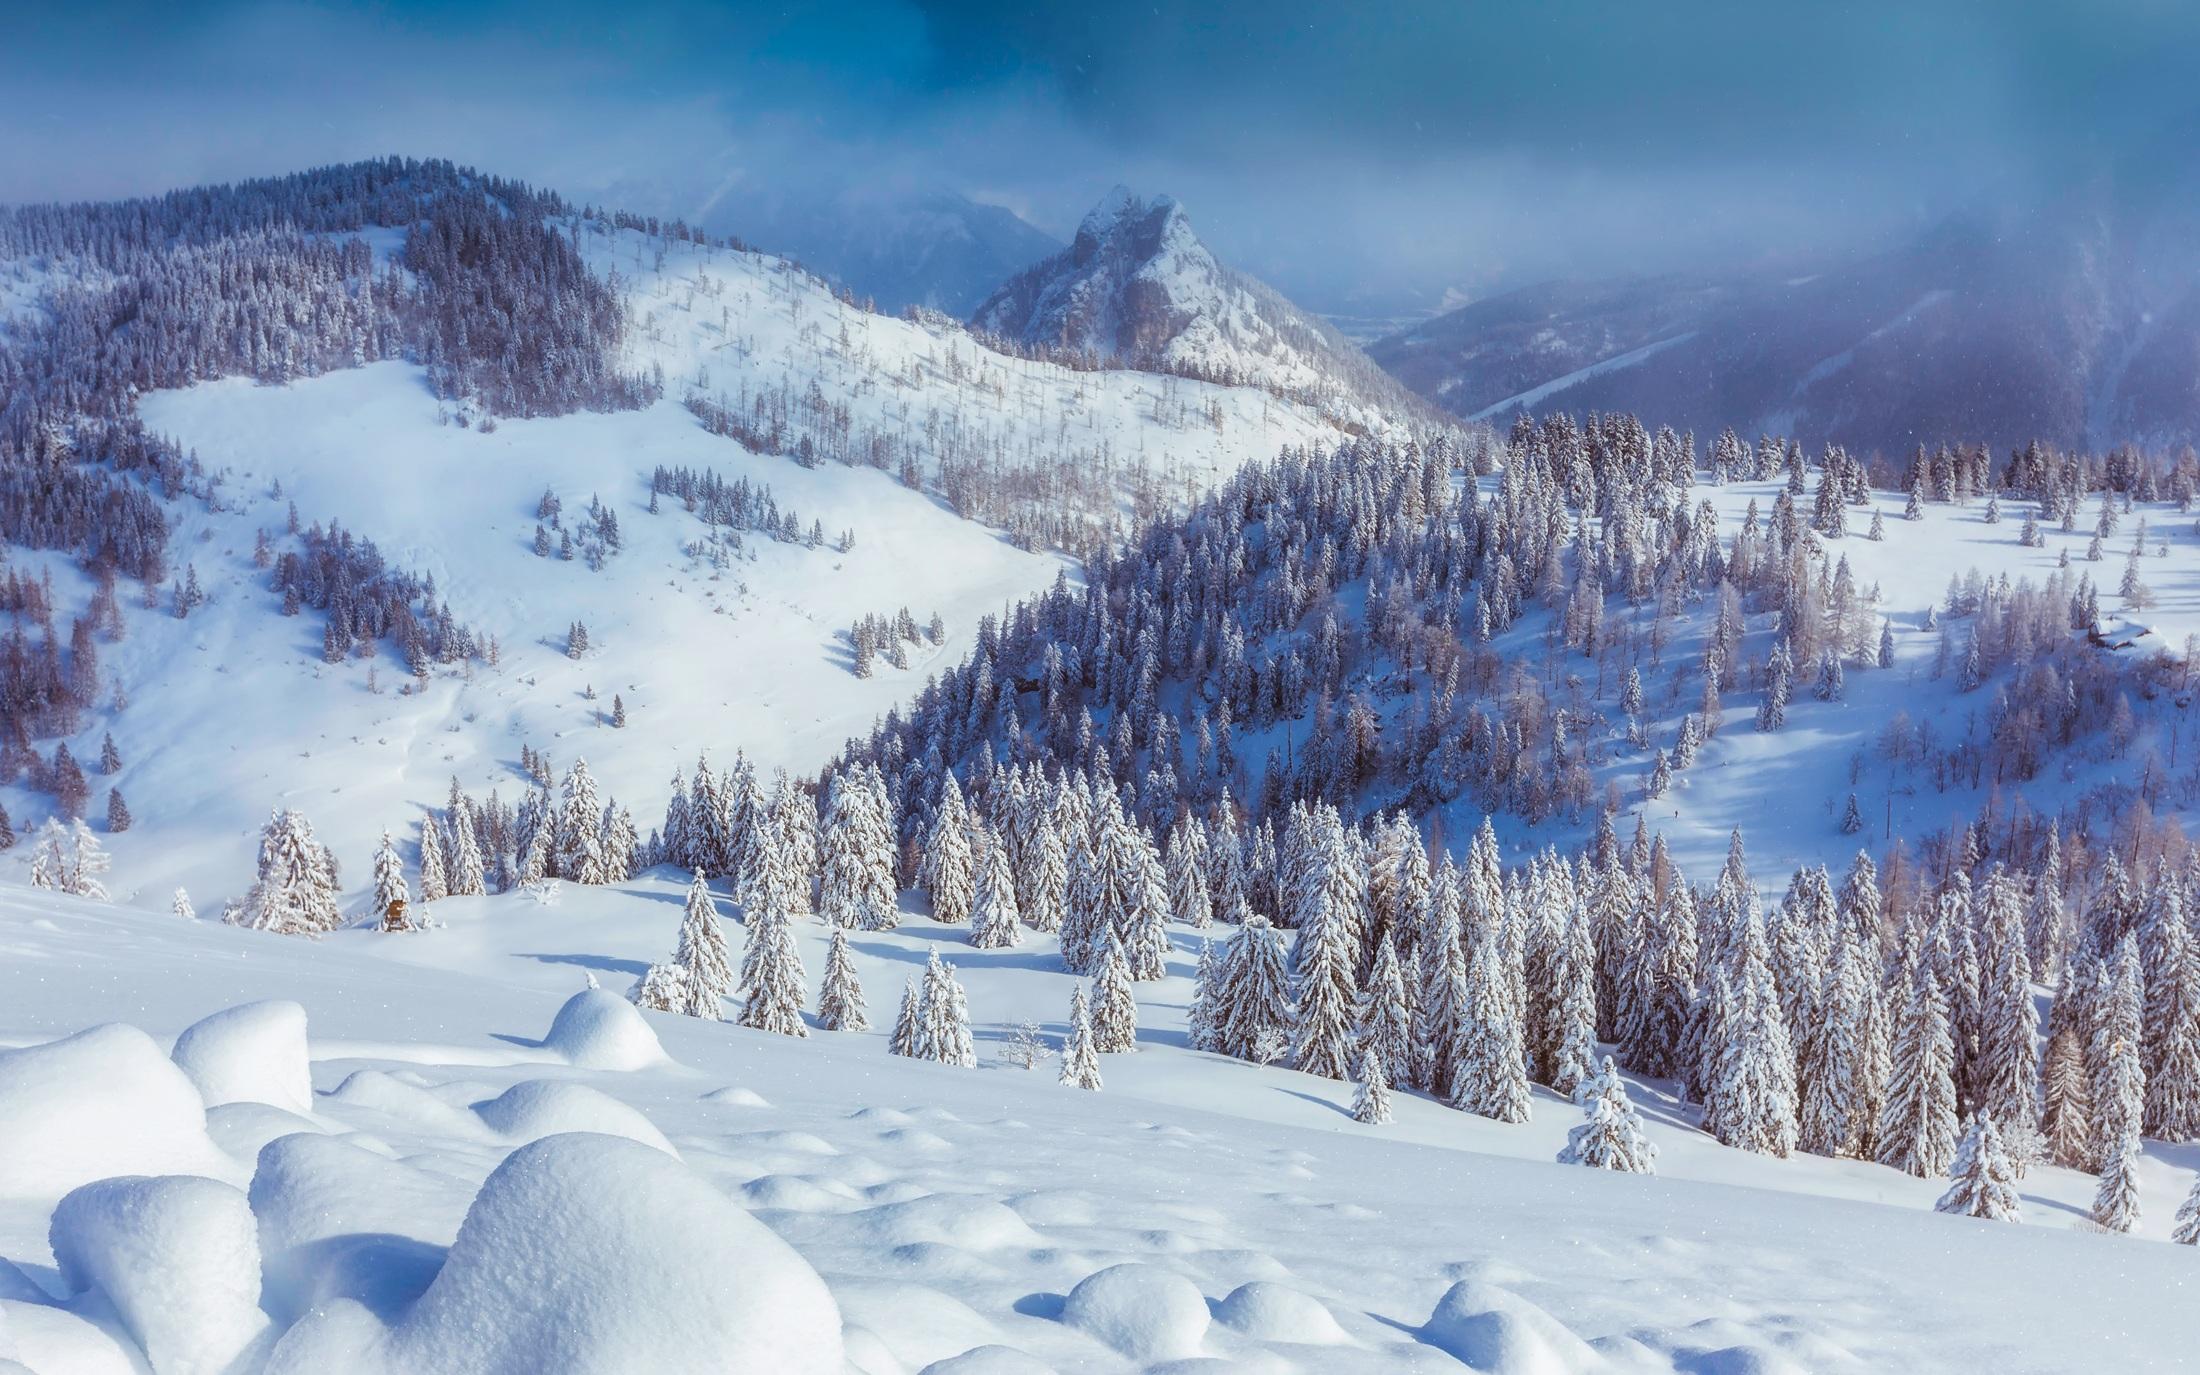 64391 Hintergrundbild herunterladen Schnee, Natur, Mountains, Österreich, Senke, Tal - Bildschirmschoner und Bilder kostenlos